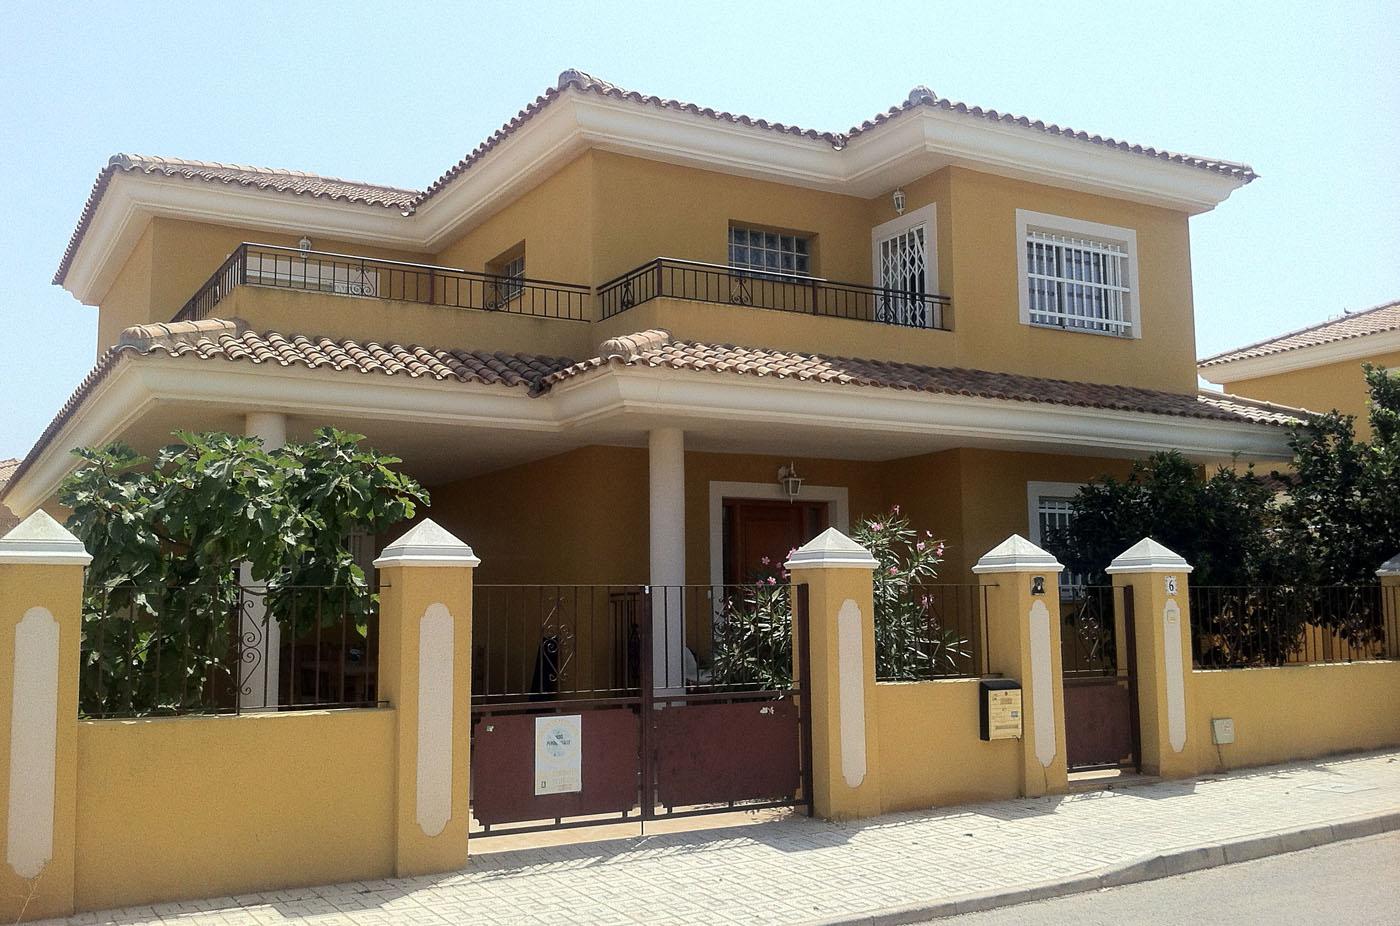 3 viviendas unifamiliares y garajes proyectos - Arquitectura cartagena ...